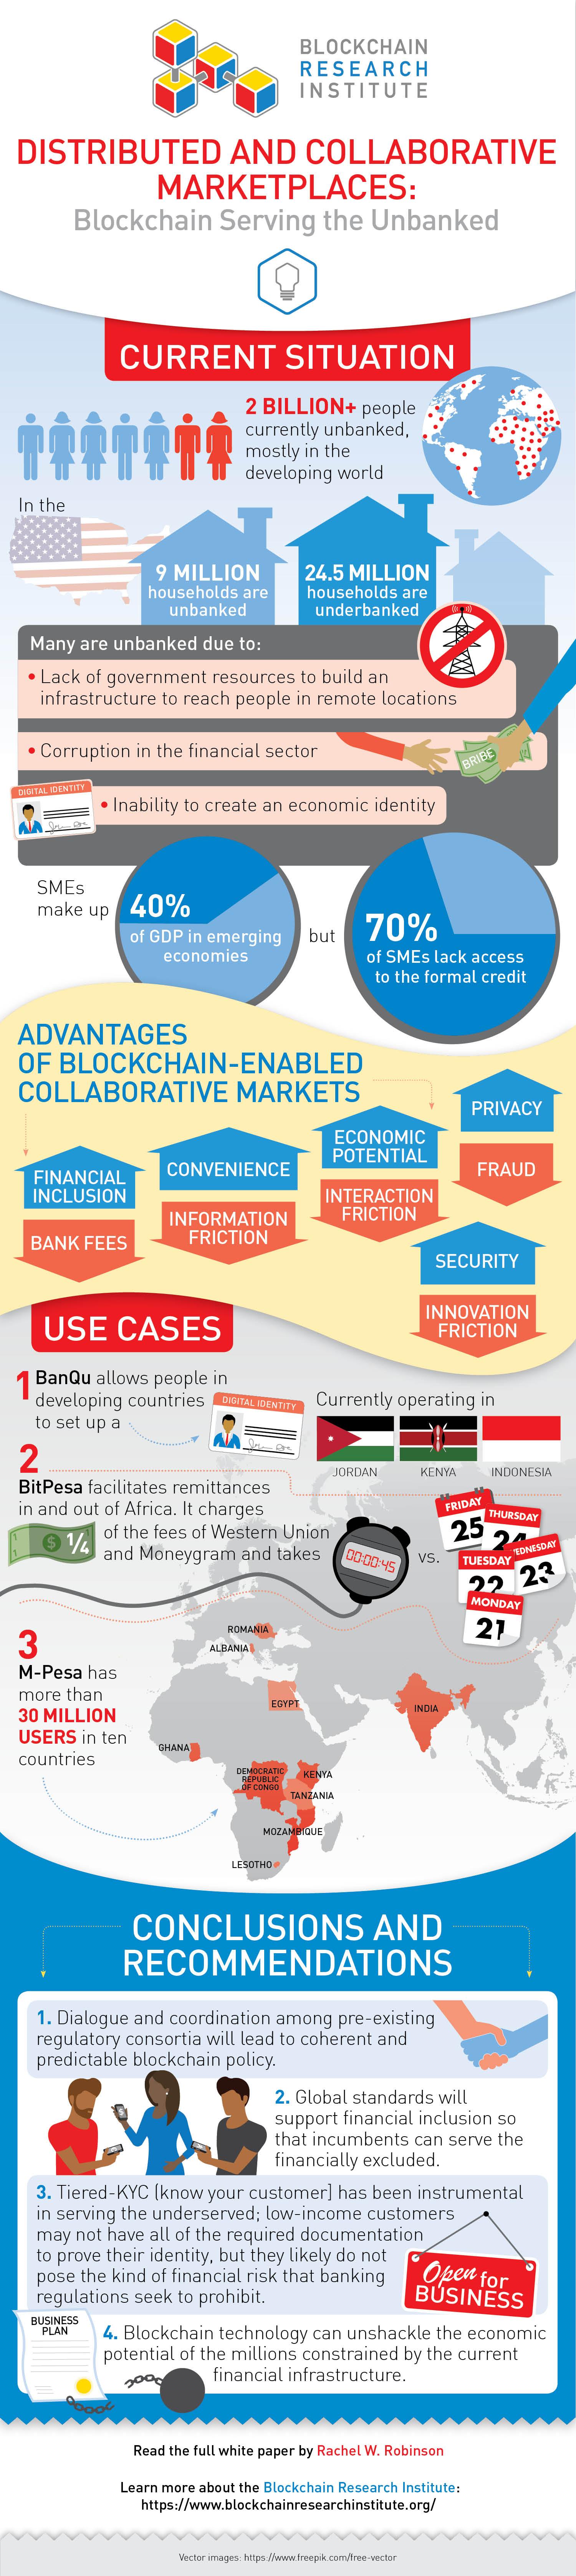 BRI-CollaborativeMarkets-Inf.jpg